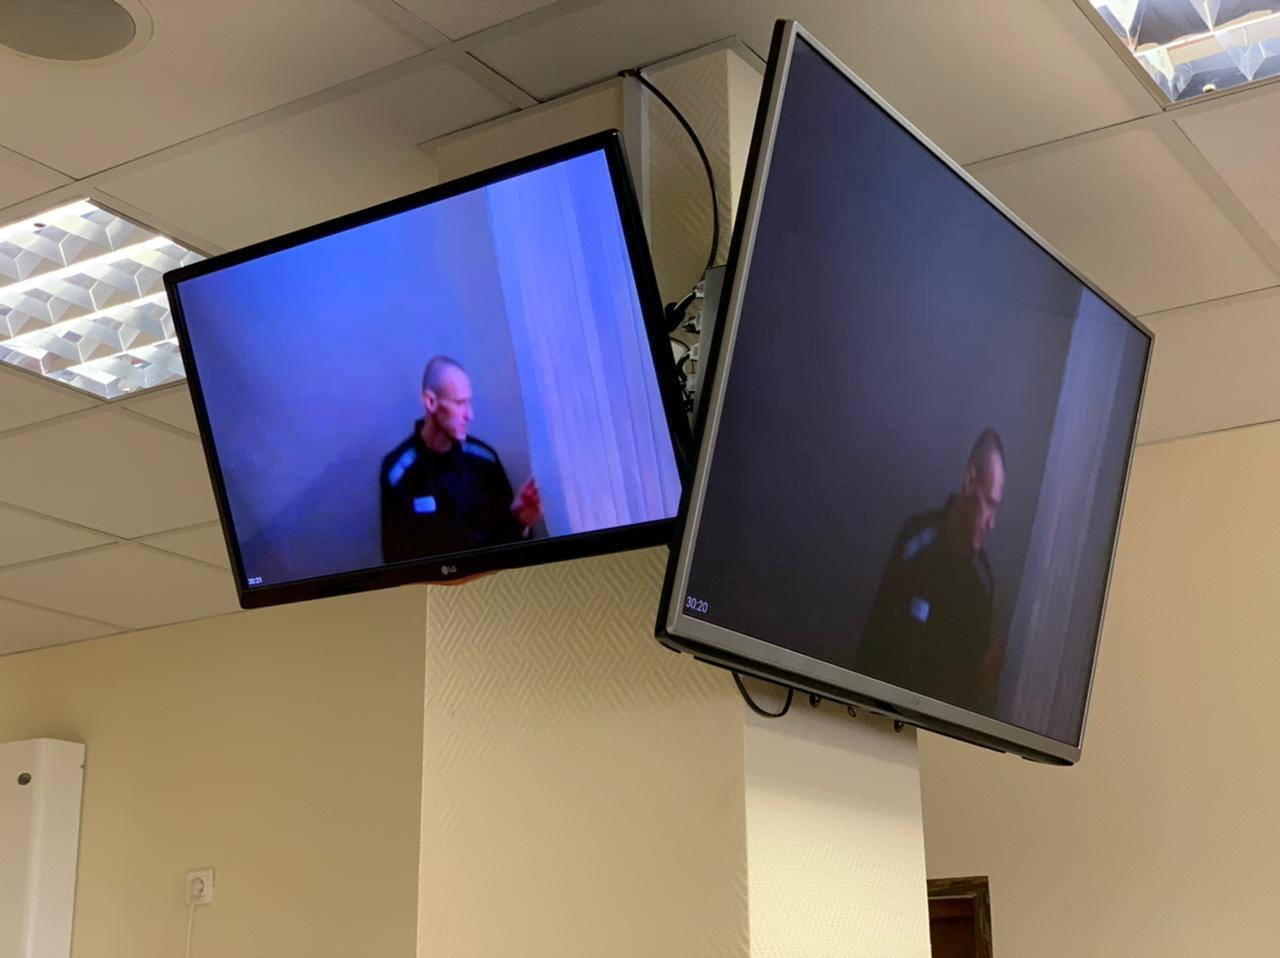 Krievijas opozīcijas līderis Aleksejs Navaļnijs pirms sēdes tiek rādīts ekrānos, izmantojot video saiti, lai izskatītu apelāciju par agrāku tiesas lēmumu, kas atzina viņu par vainīgu Krievijas Otrā pasaules kara veterāna nomelnošanā Maskavā, Krievijā, 29. gada 2021. aprīlī. Babuškinska preses dienests Maskavas apgabaltiesa / izdales materiāls, izmantojot REUTERS